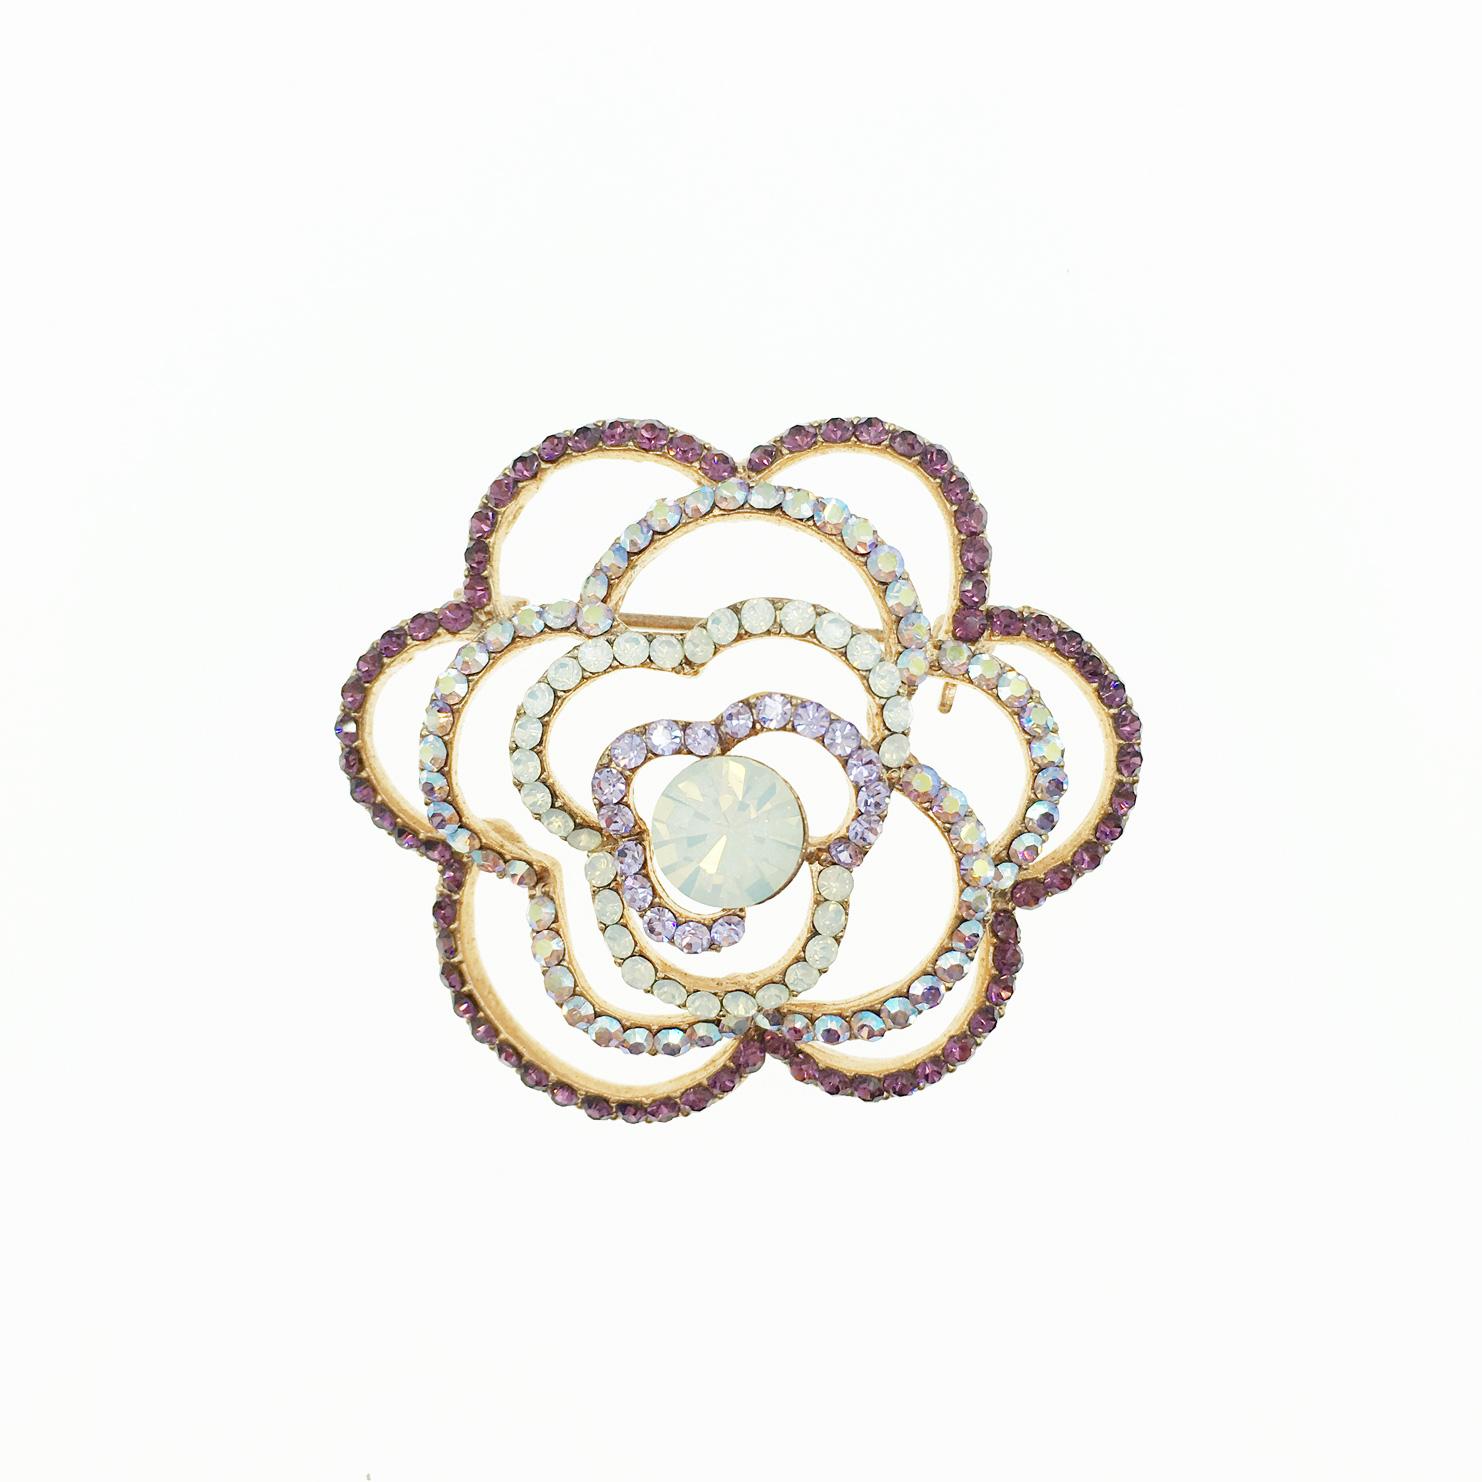 簍空造型 花 水鑽水晶 別針 胸針 採用施華洛世奇水晶元素 Crystals from Swarovski